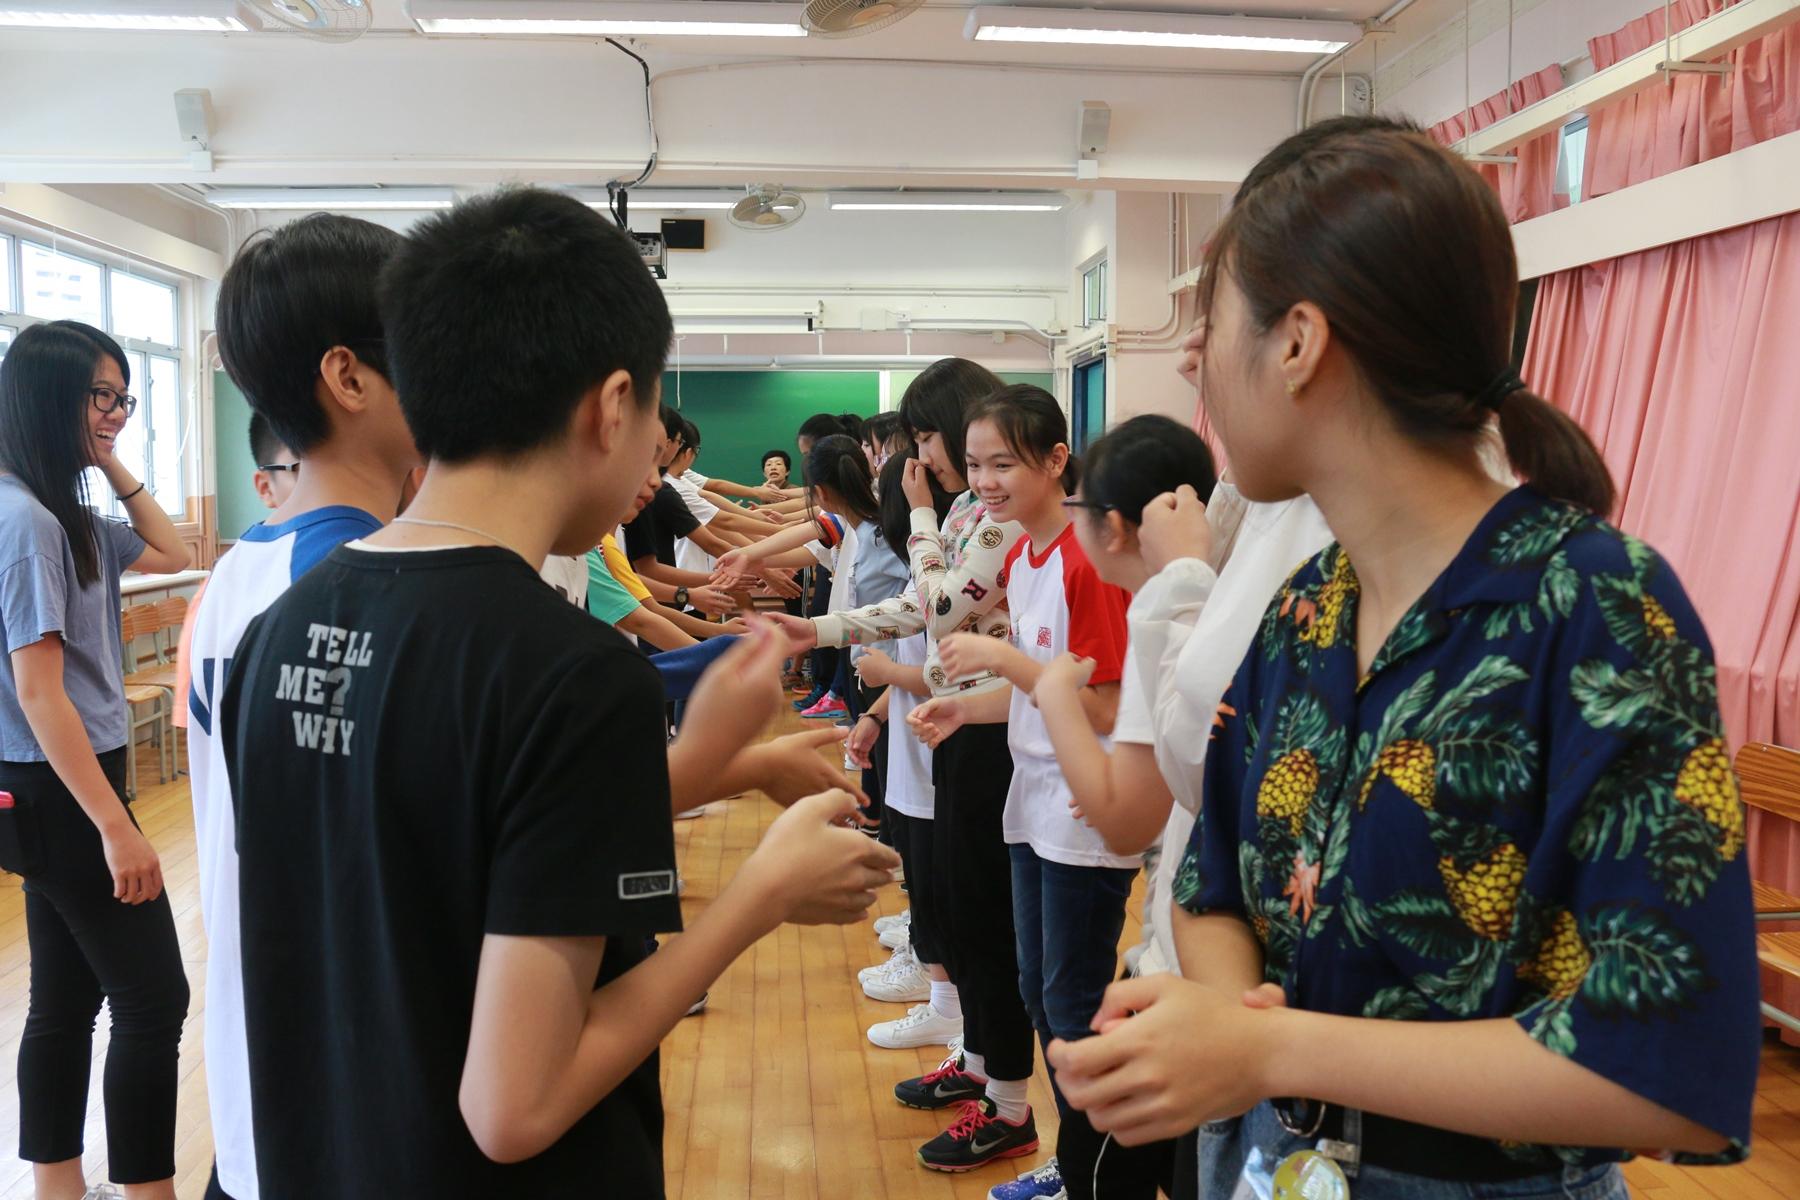 https://www.npc.edu.hk/sites/default/files/1a_zhong_zhi_cheng_cheng_01.jpg